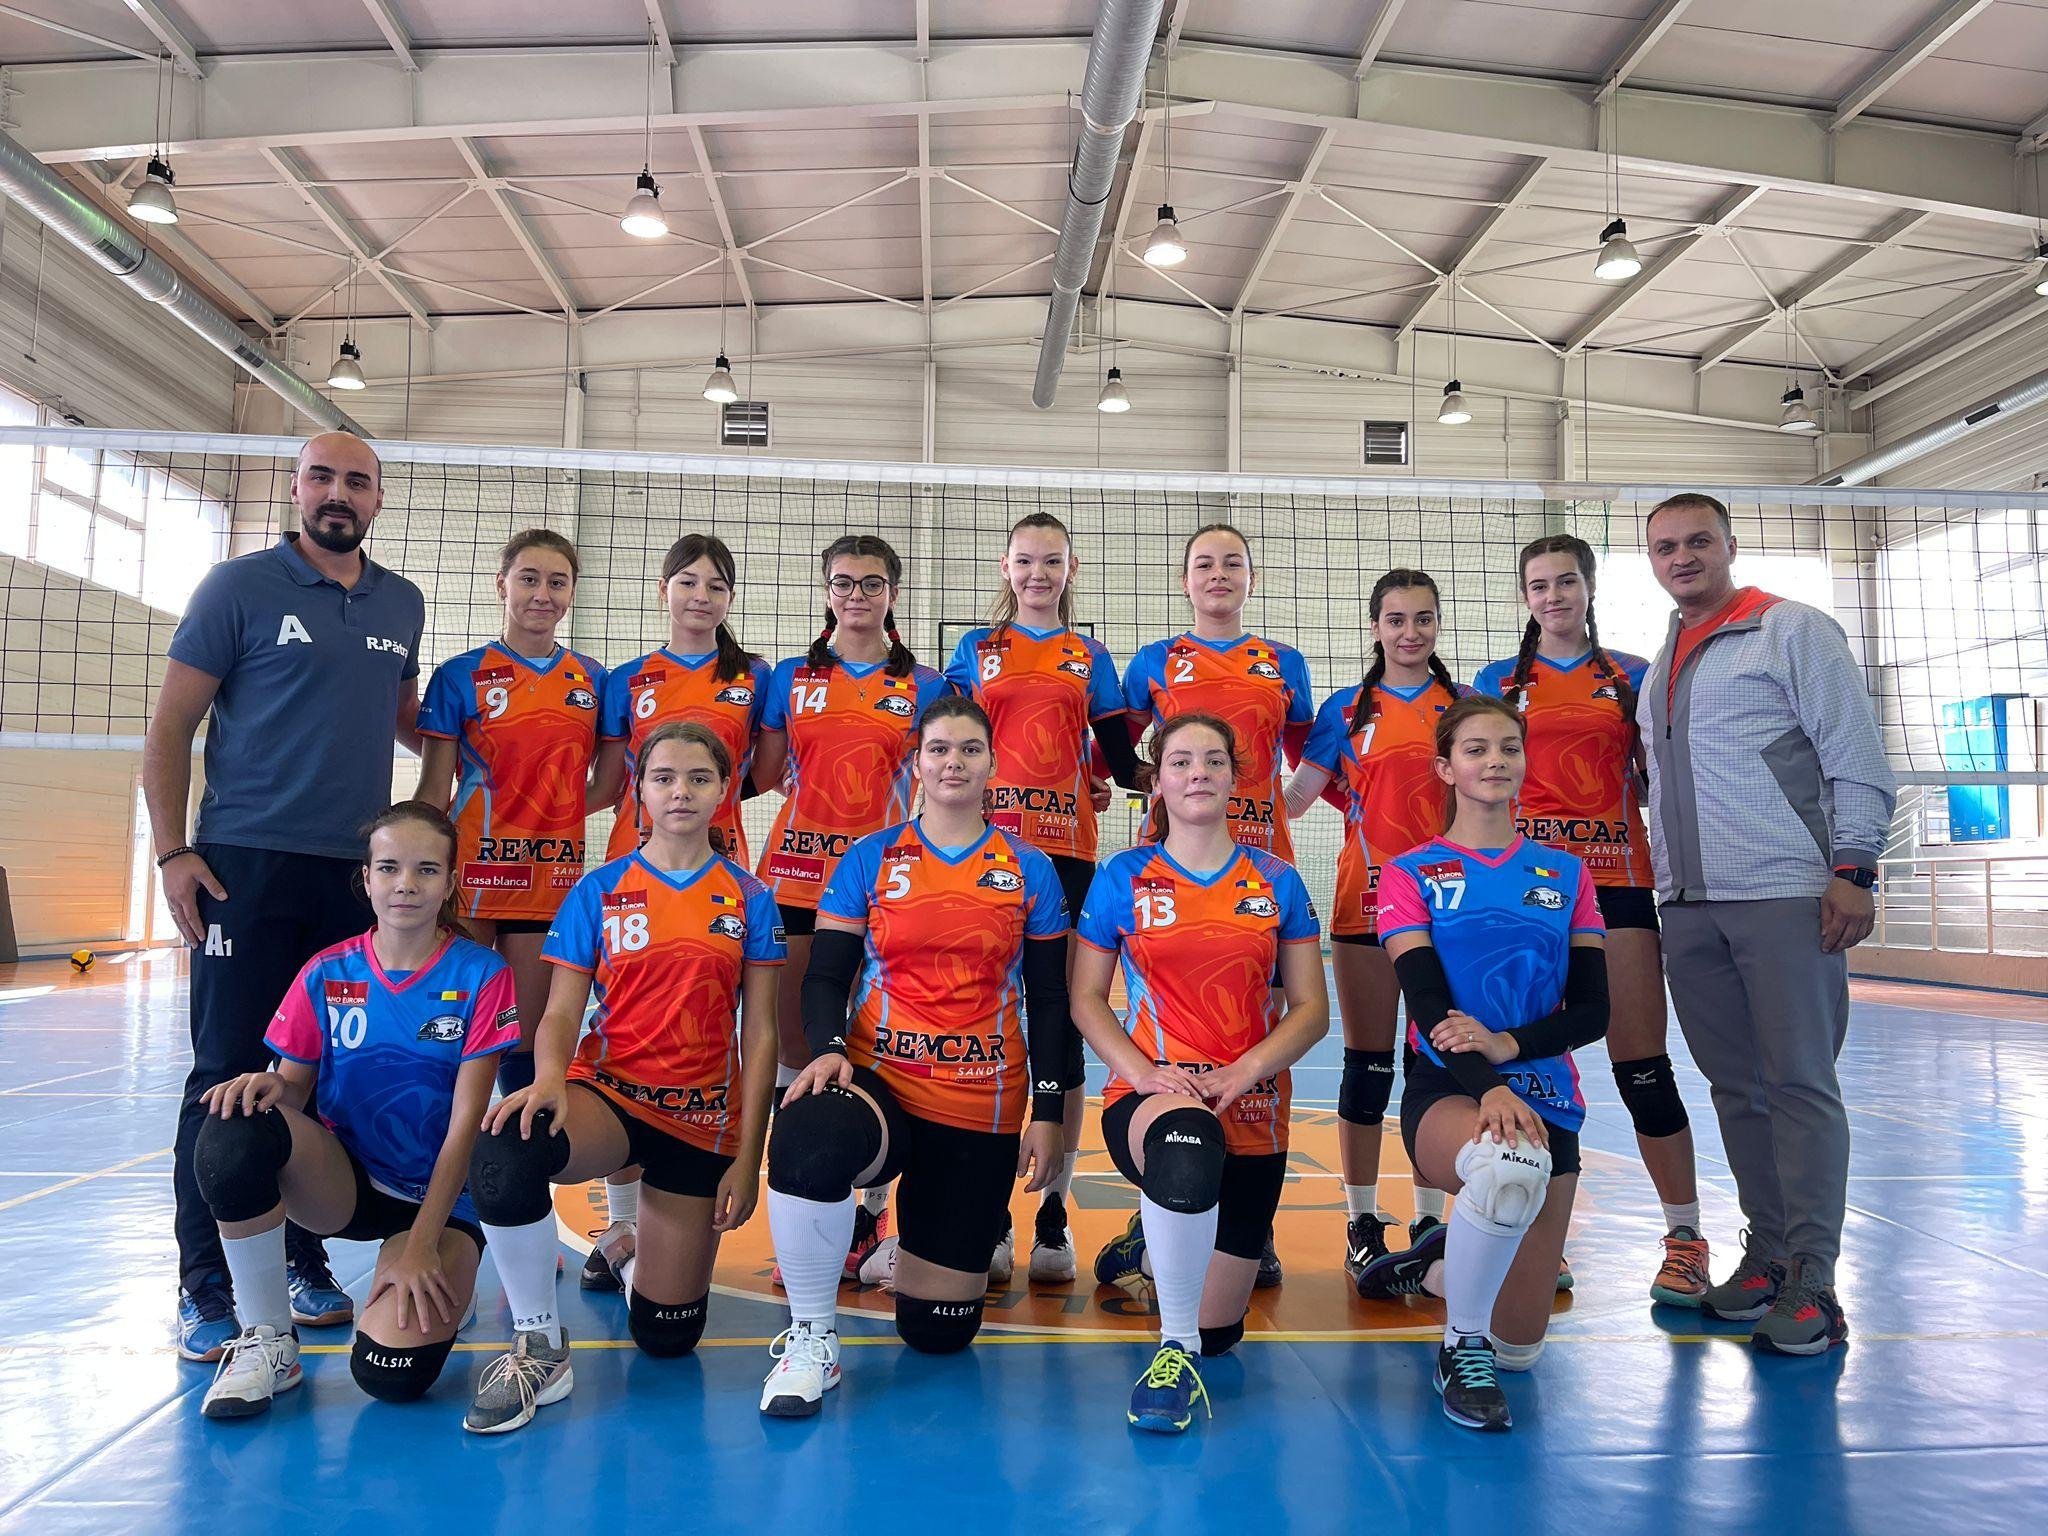 Echipa de cadete Bravol Brașov 2 pentru sezonul 2021/ 2022